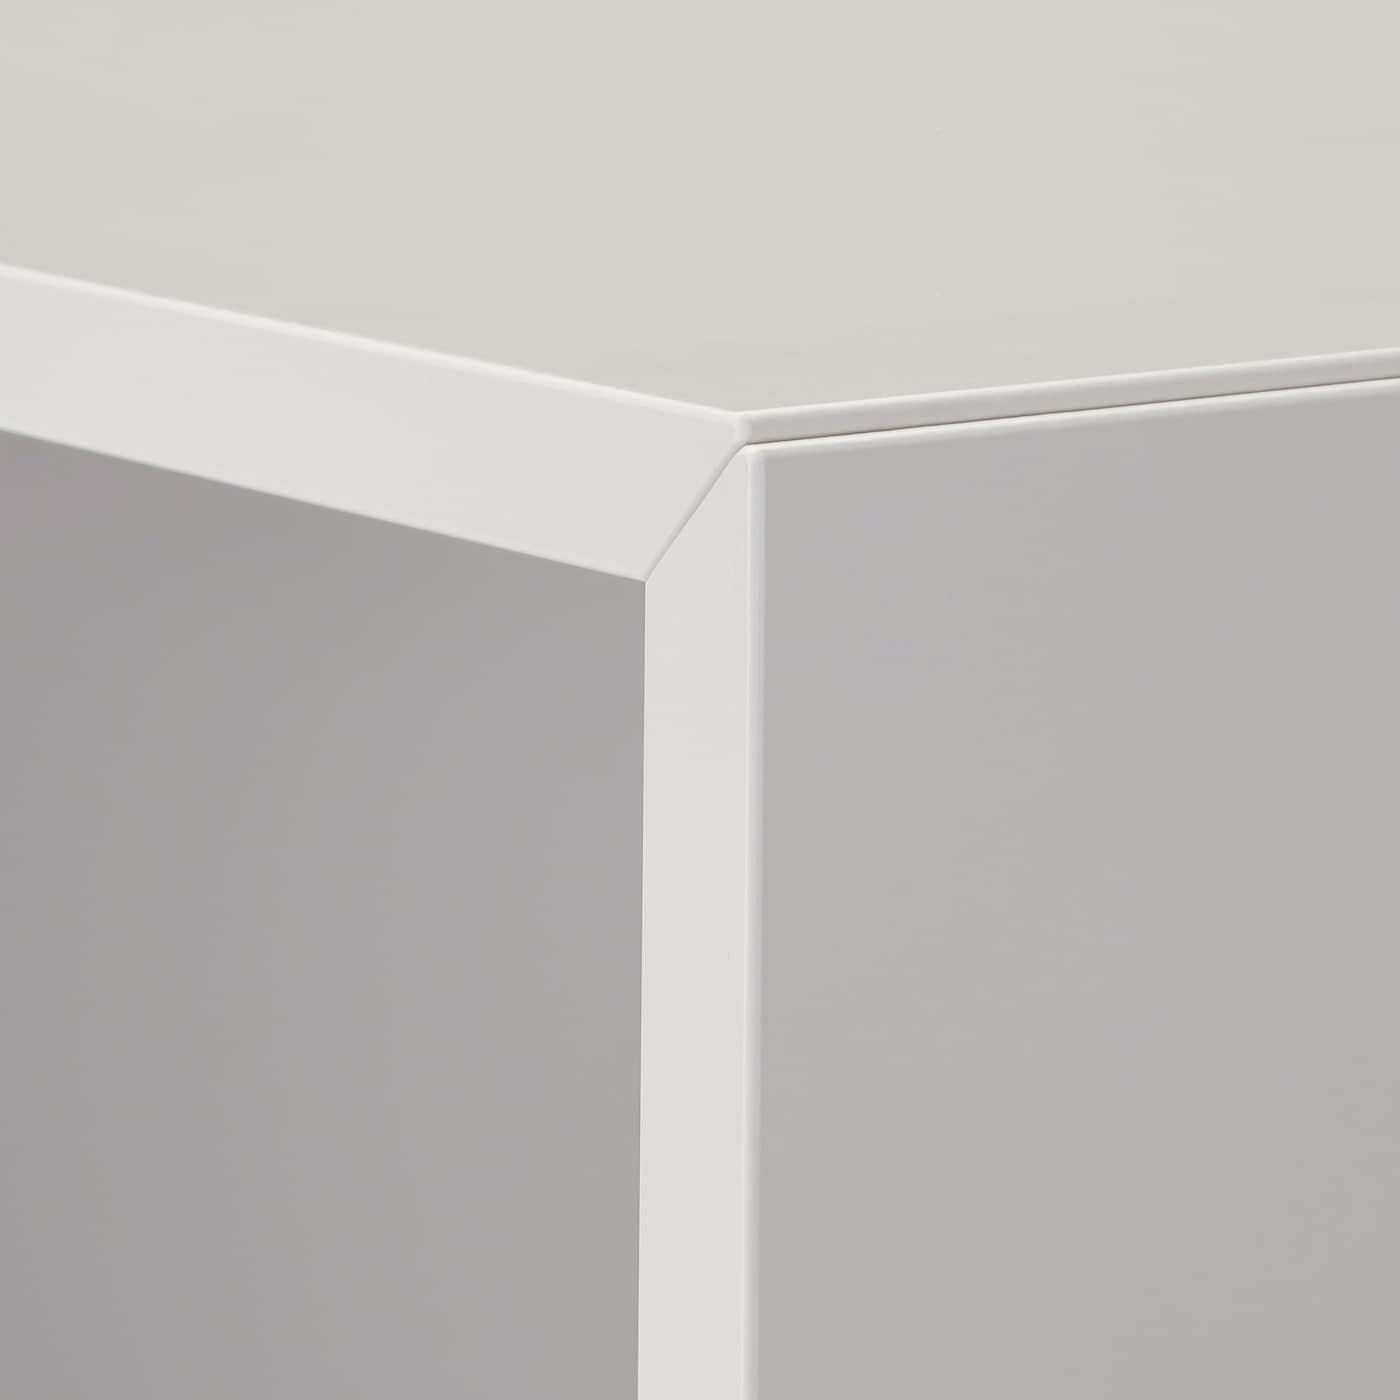 EKET szekrény világosszürke 35 cm 25 cm 35 cm 5 kg